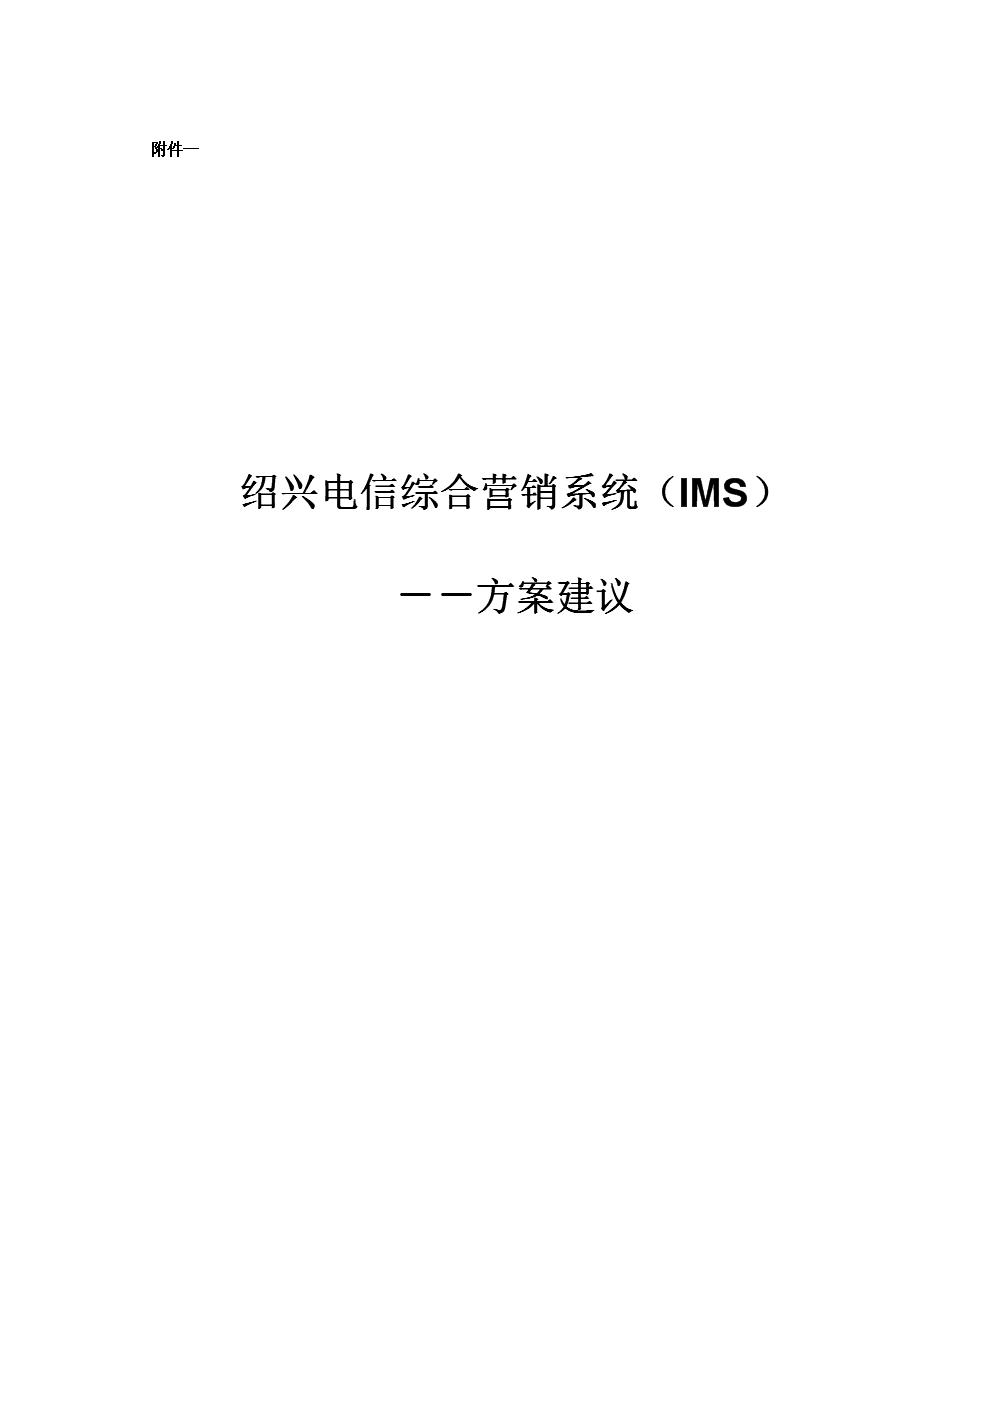 浙江绍兴电信综合营销系统(IMS)建设方案.doc